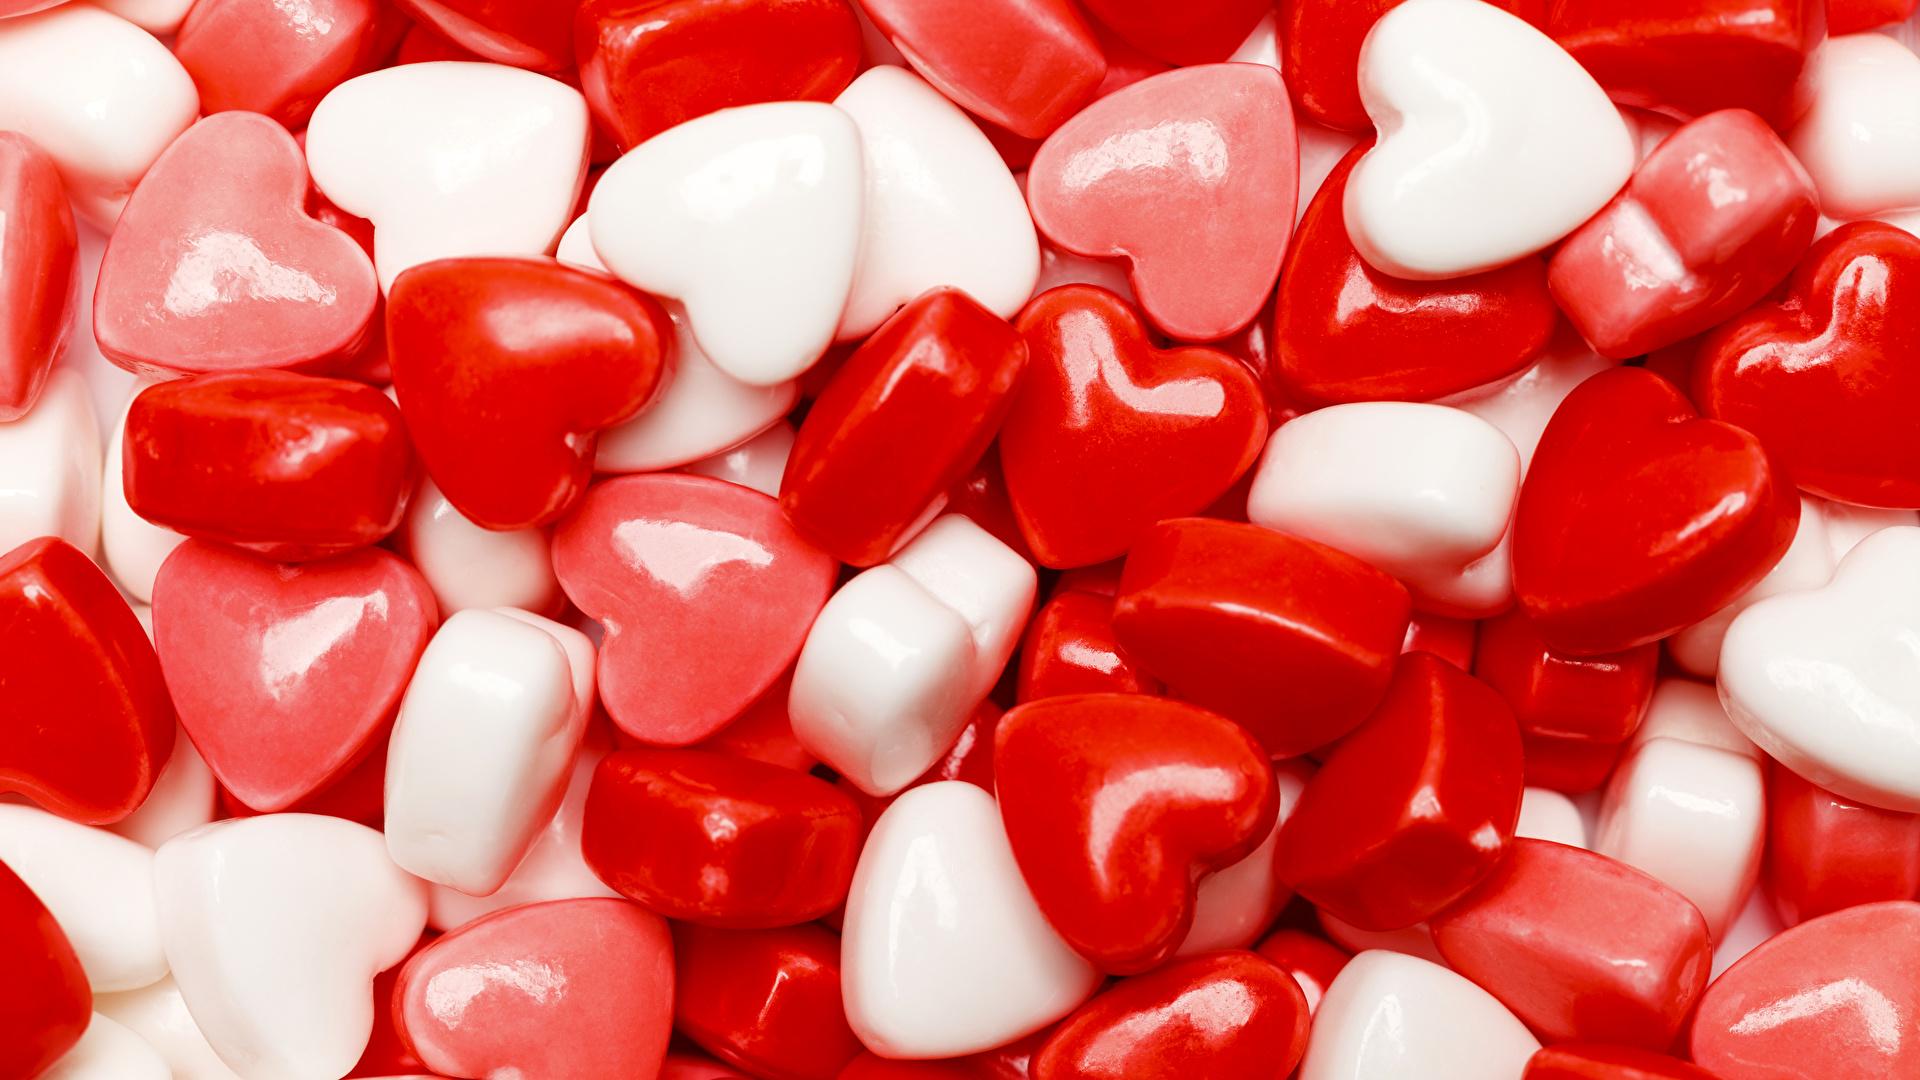 Картинка День святого Валентина сердца Леденцы Пища Сладости 1920x1080 День всех влюблённых серце Сердце сердечко Еда Продукты питания сладкая еда